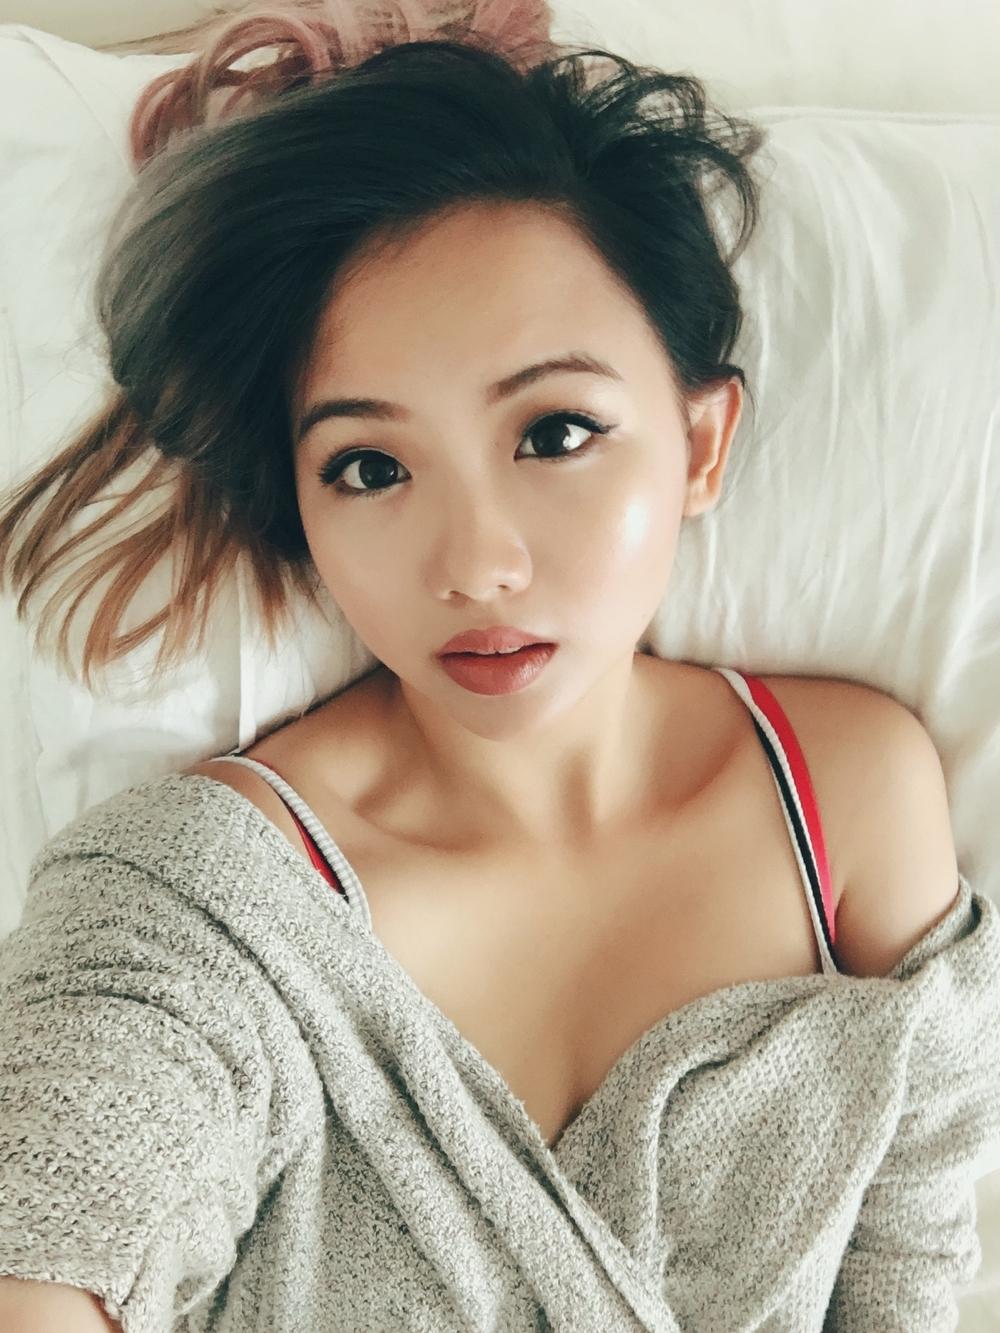 Эротические селфи милой кореянки в квартире 9 фото